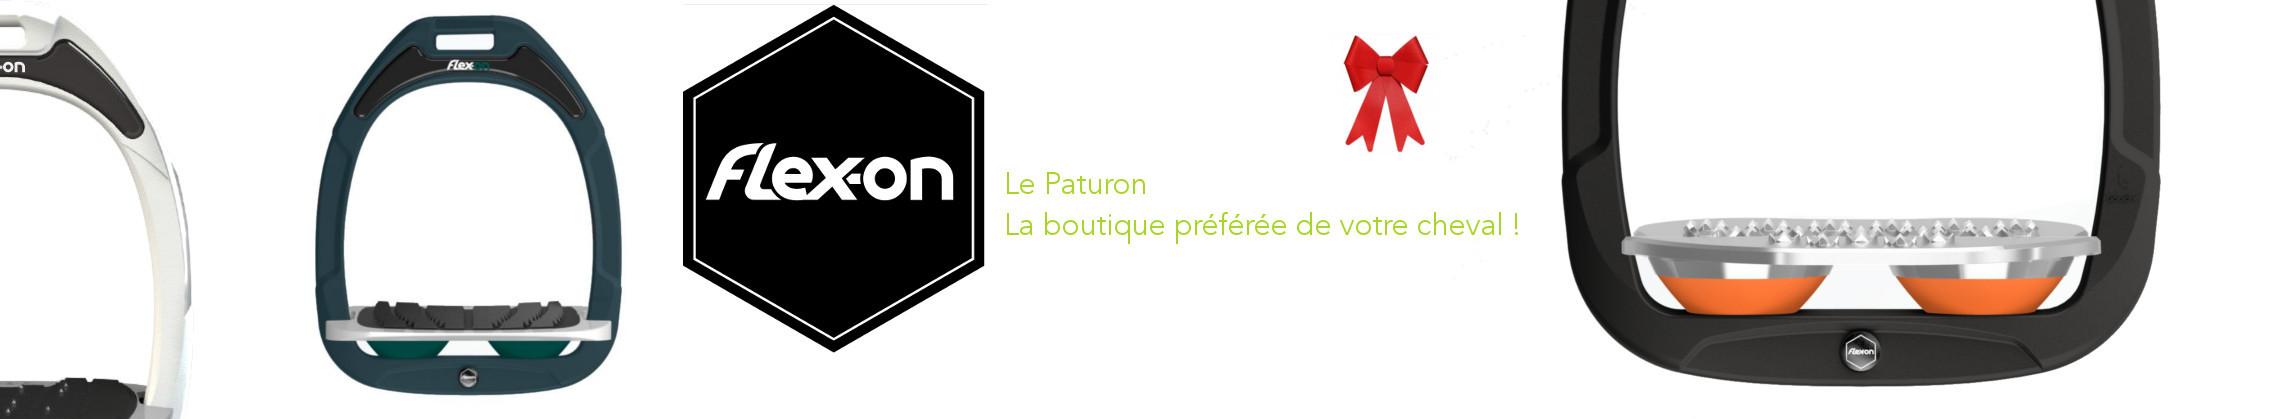 Etrier Flexon - Le Paturon